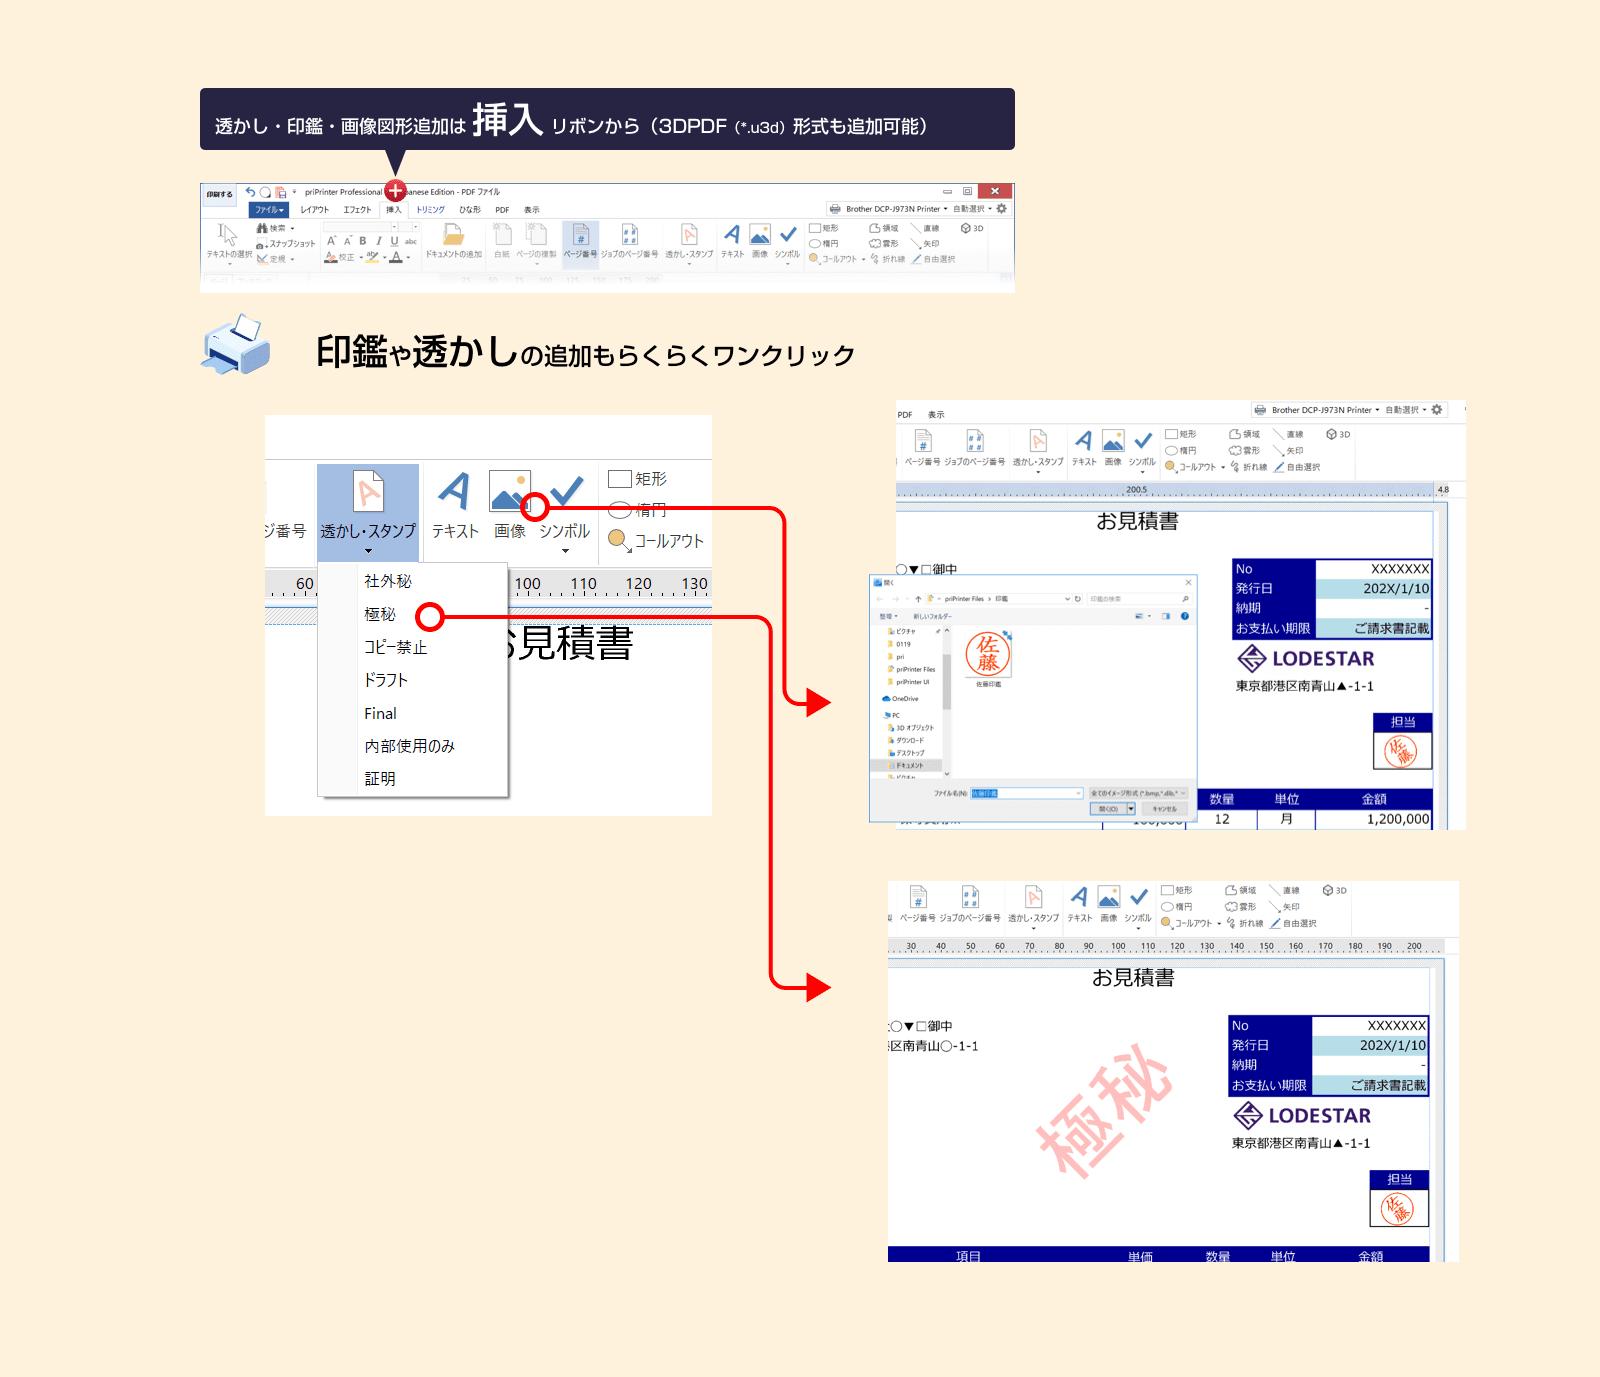 資料やエクセルに透かし、印鑑を押したいときに便利です